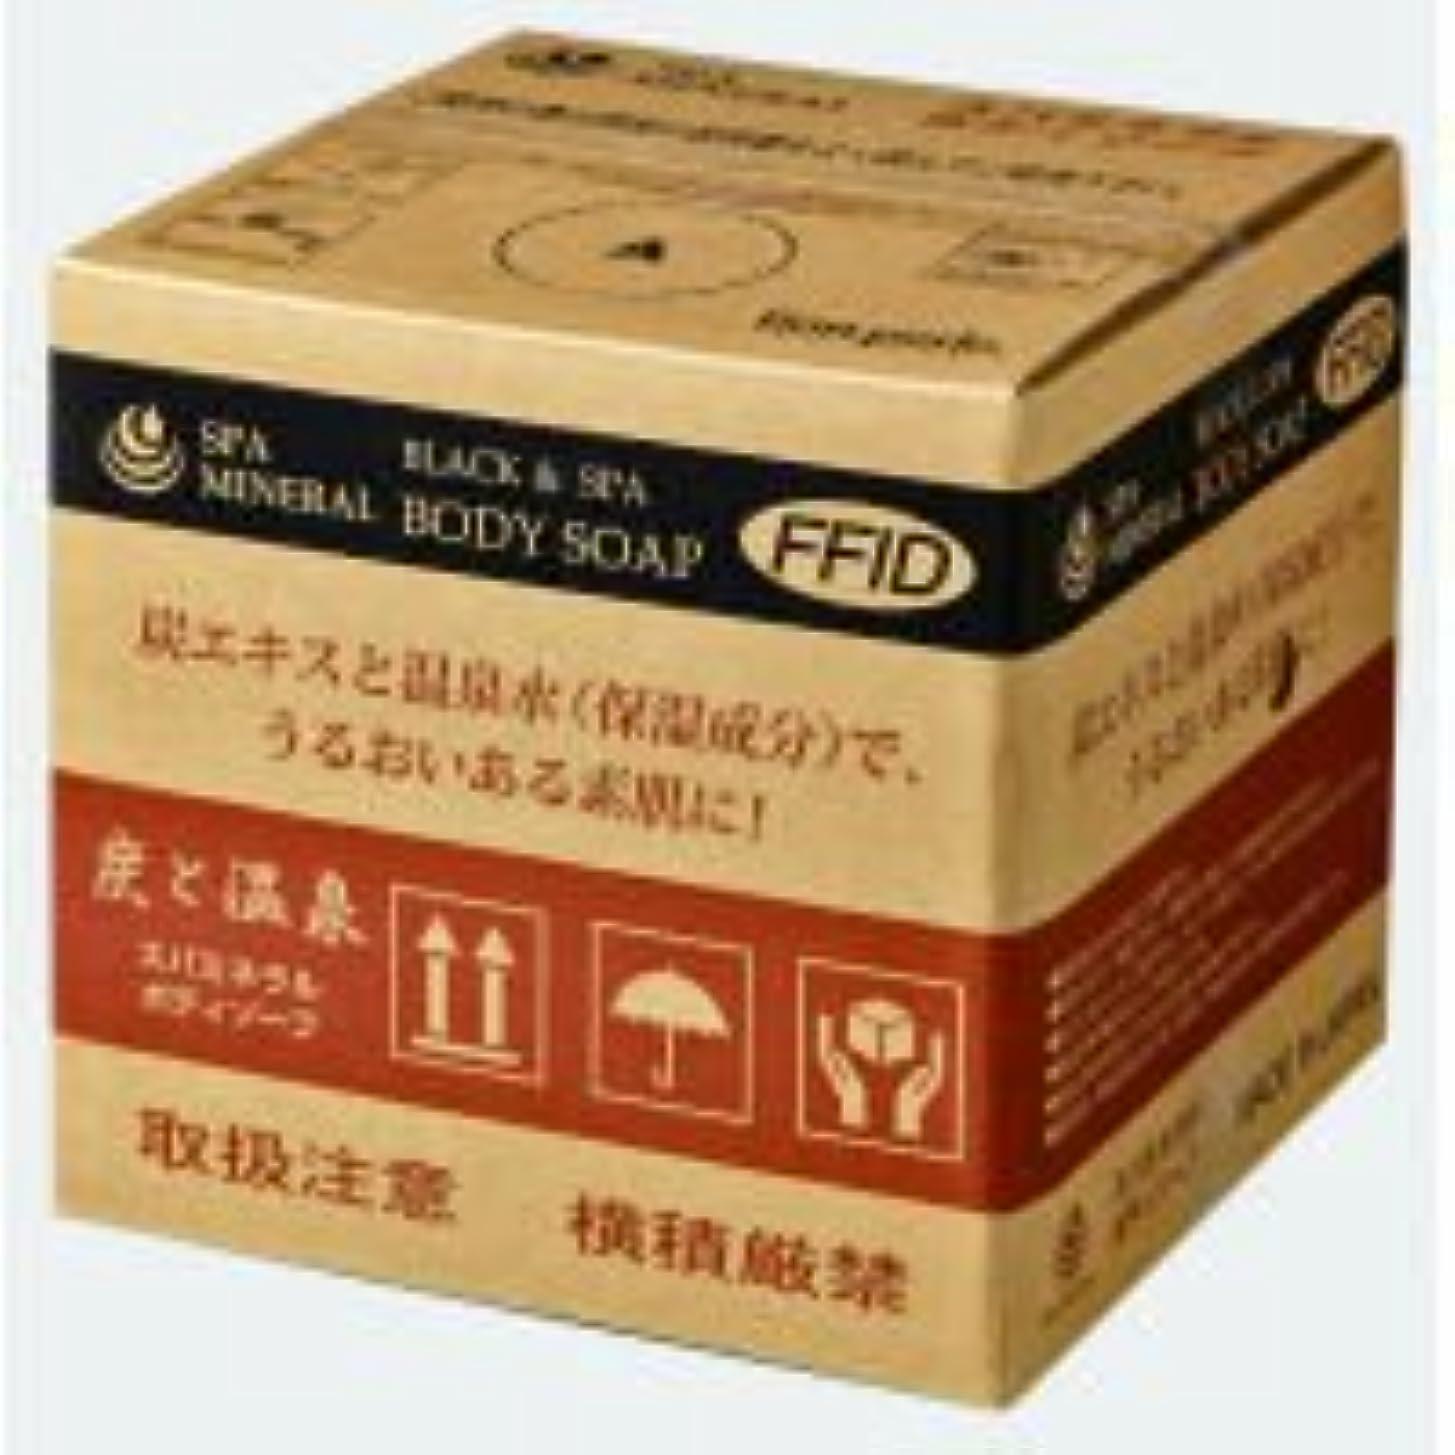 リーガン精神的にハムスパミネラル 炭ボディソープ 20kg 詰替用